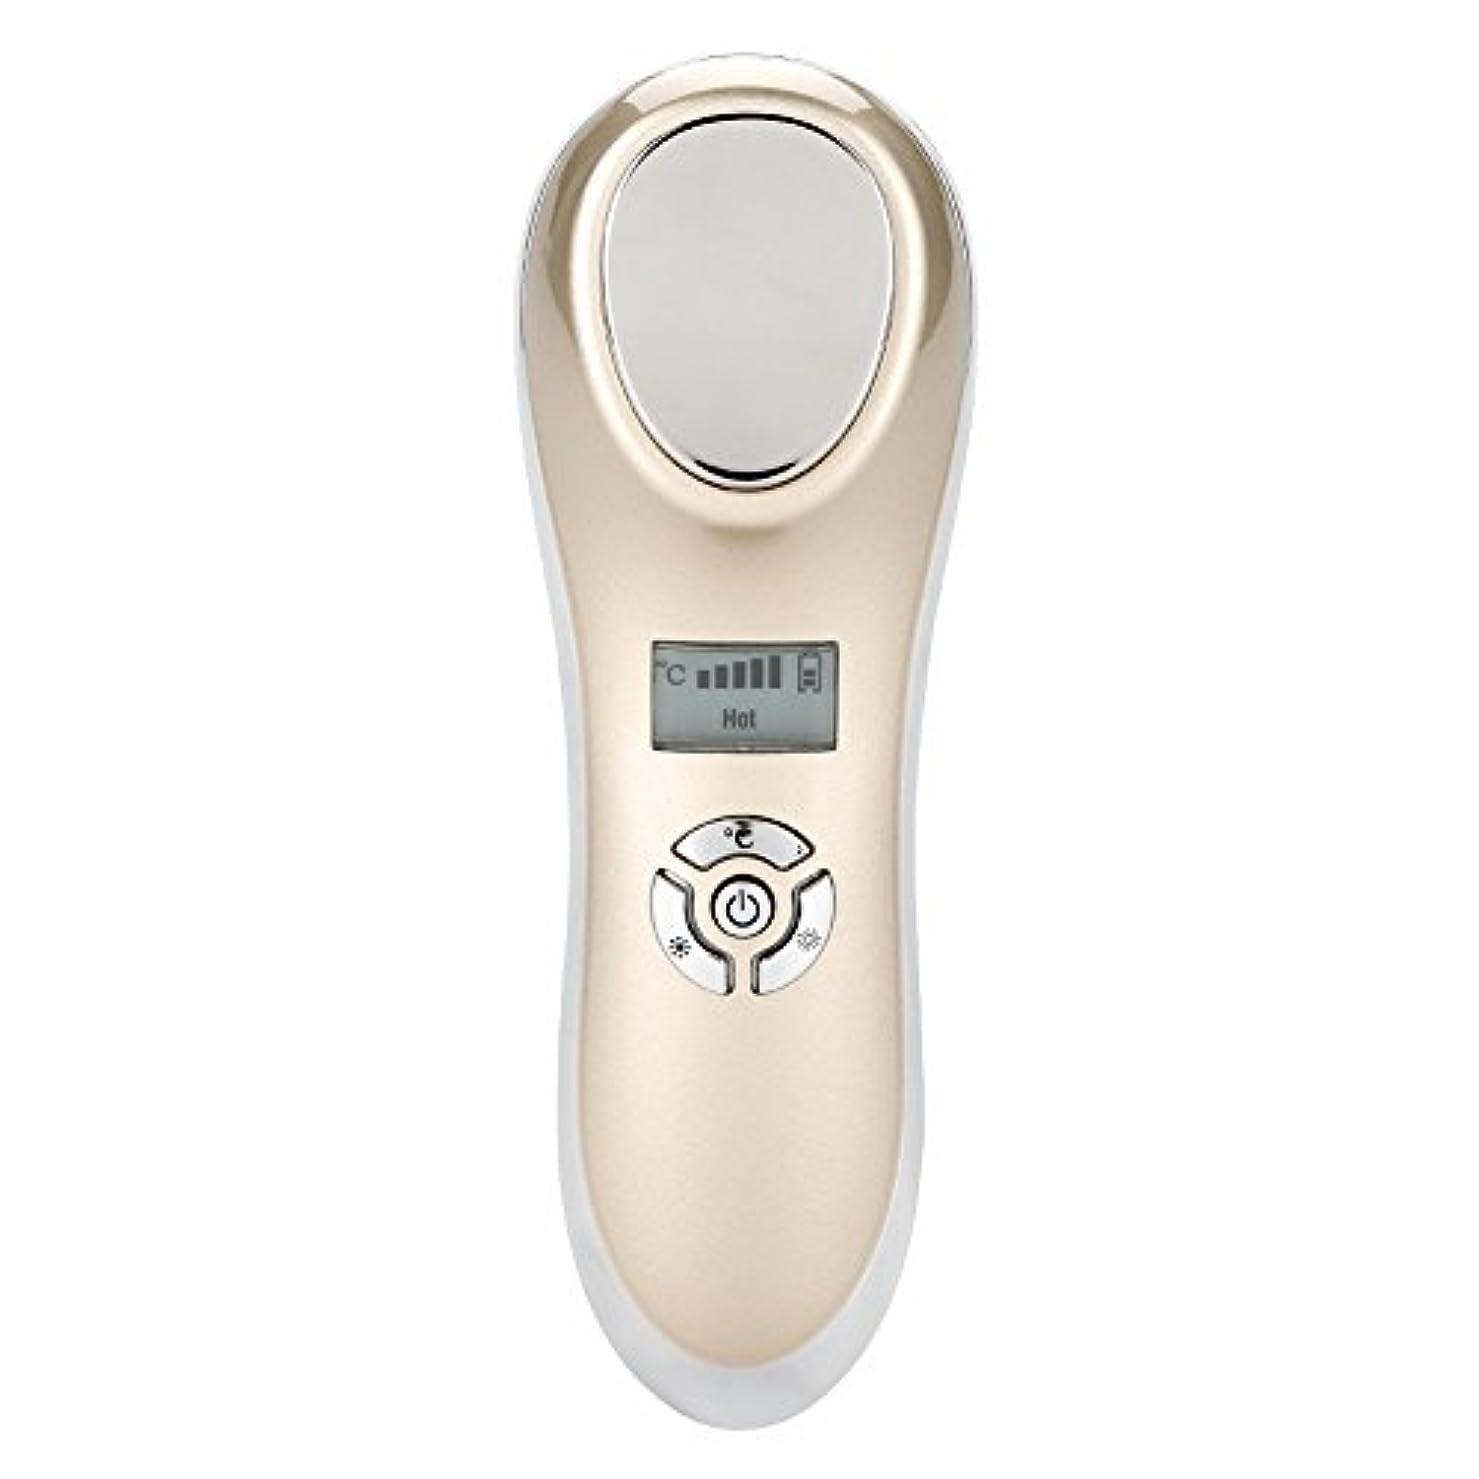 横たわる苦古くなった表面マッサージャー、熱い冷たいハンマーの皮を満たすUSBは装置表面美機械をきつく締めます(ゴールデン)